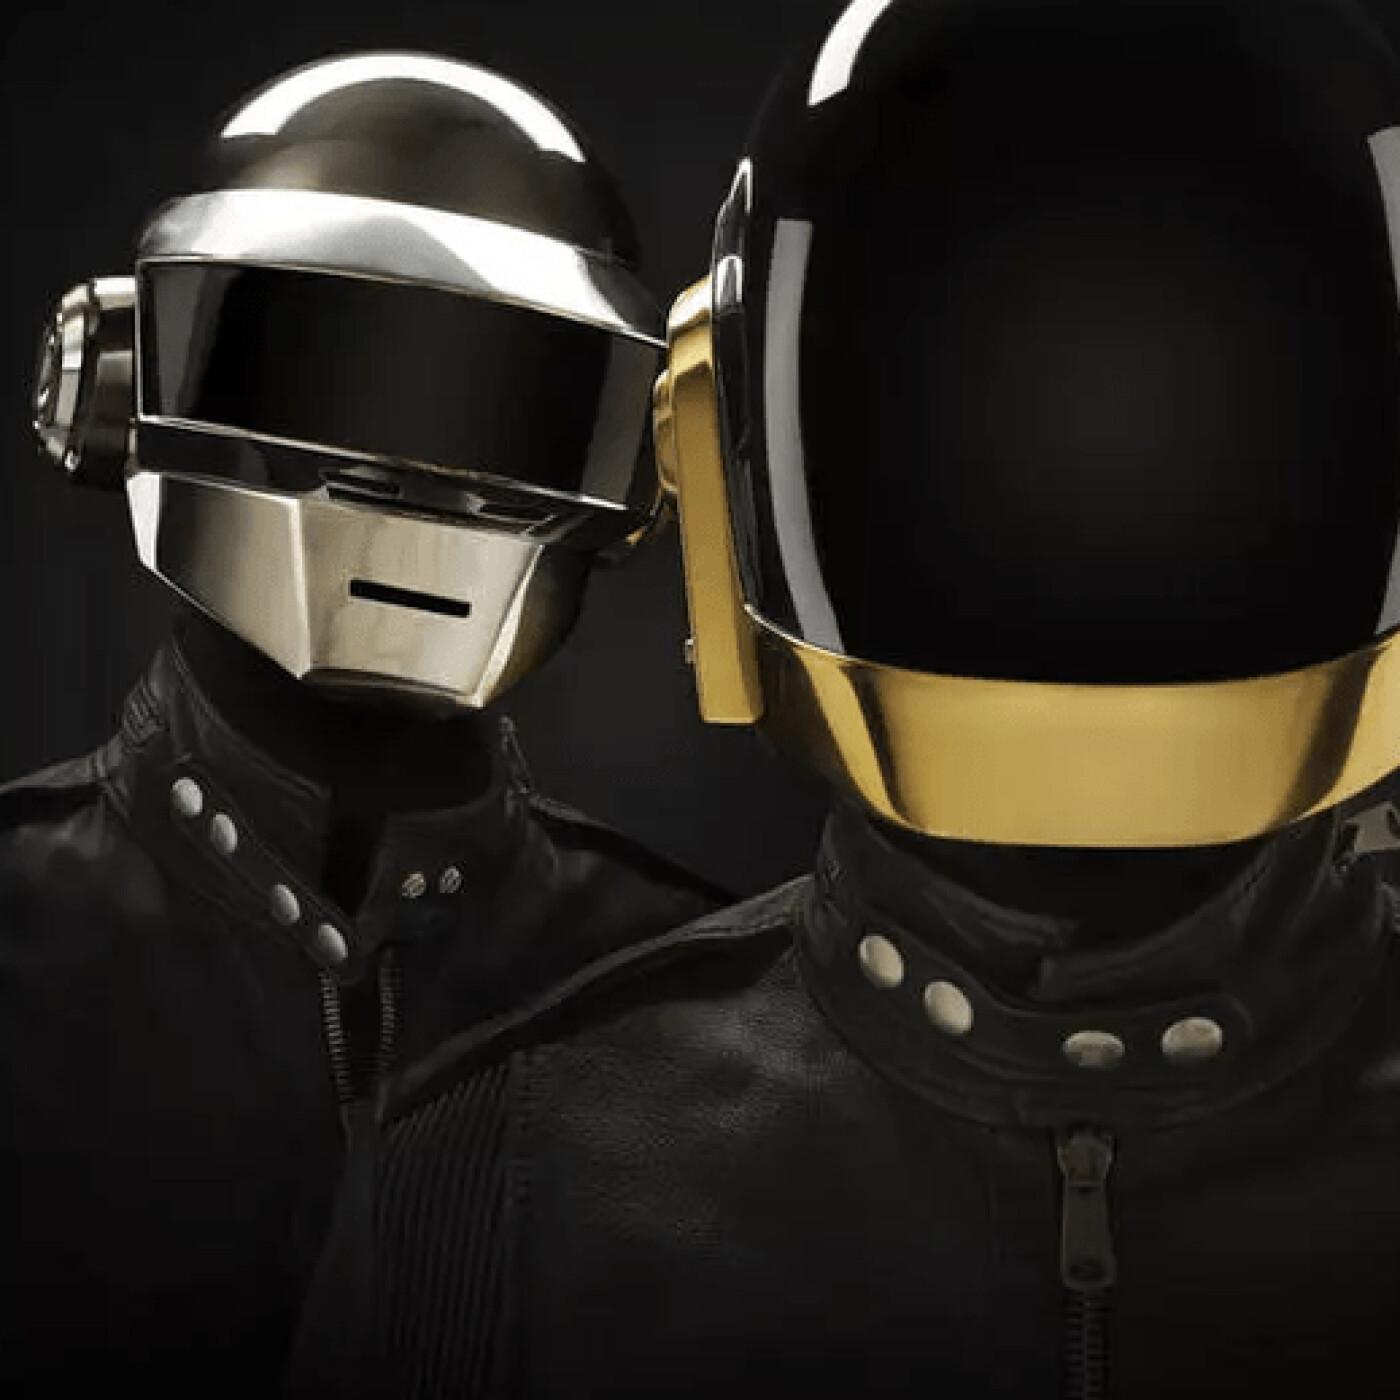 Entracte 01 - Séparation des Daft Punk - Maxime Riou sur StereoChic